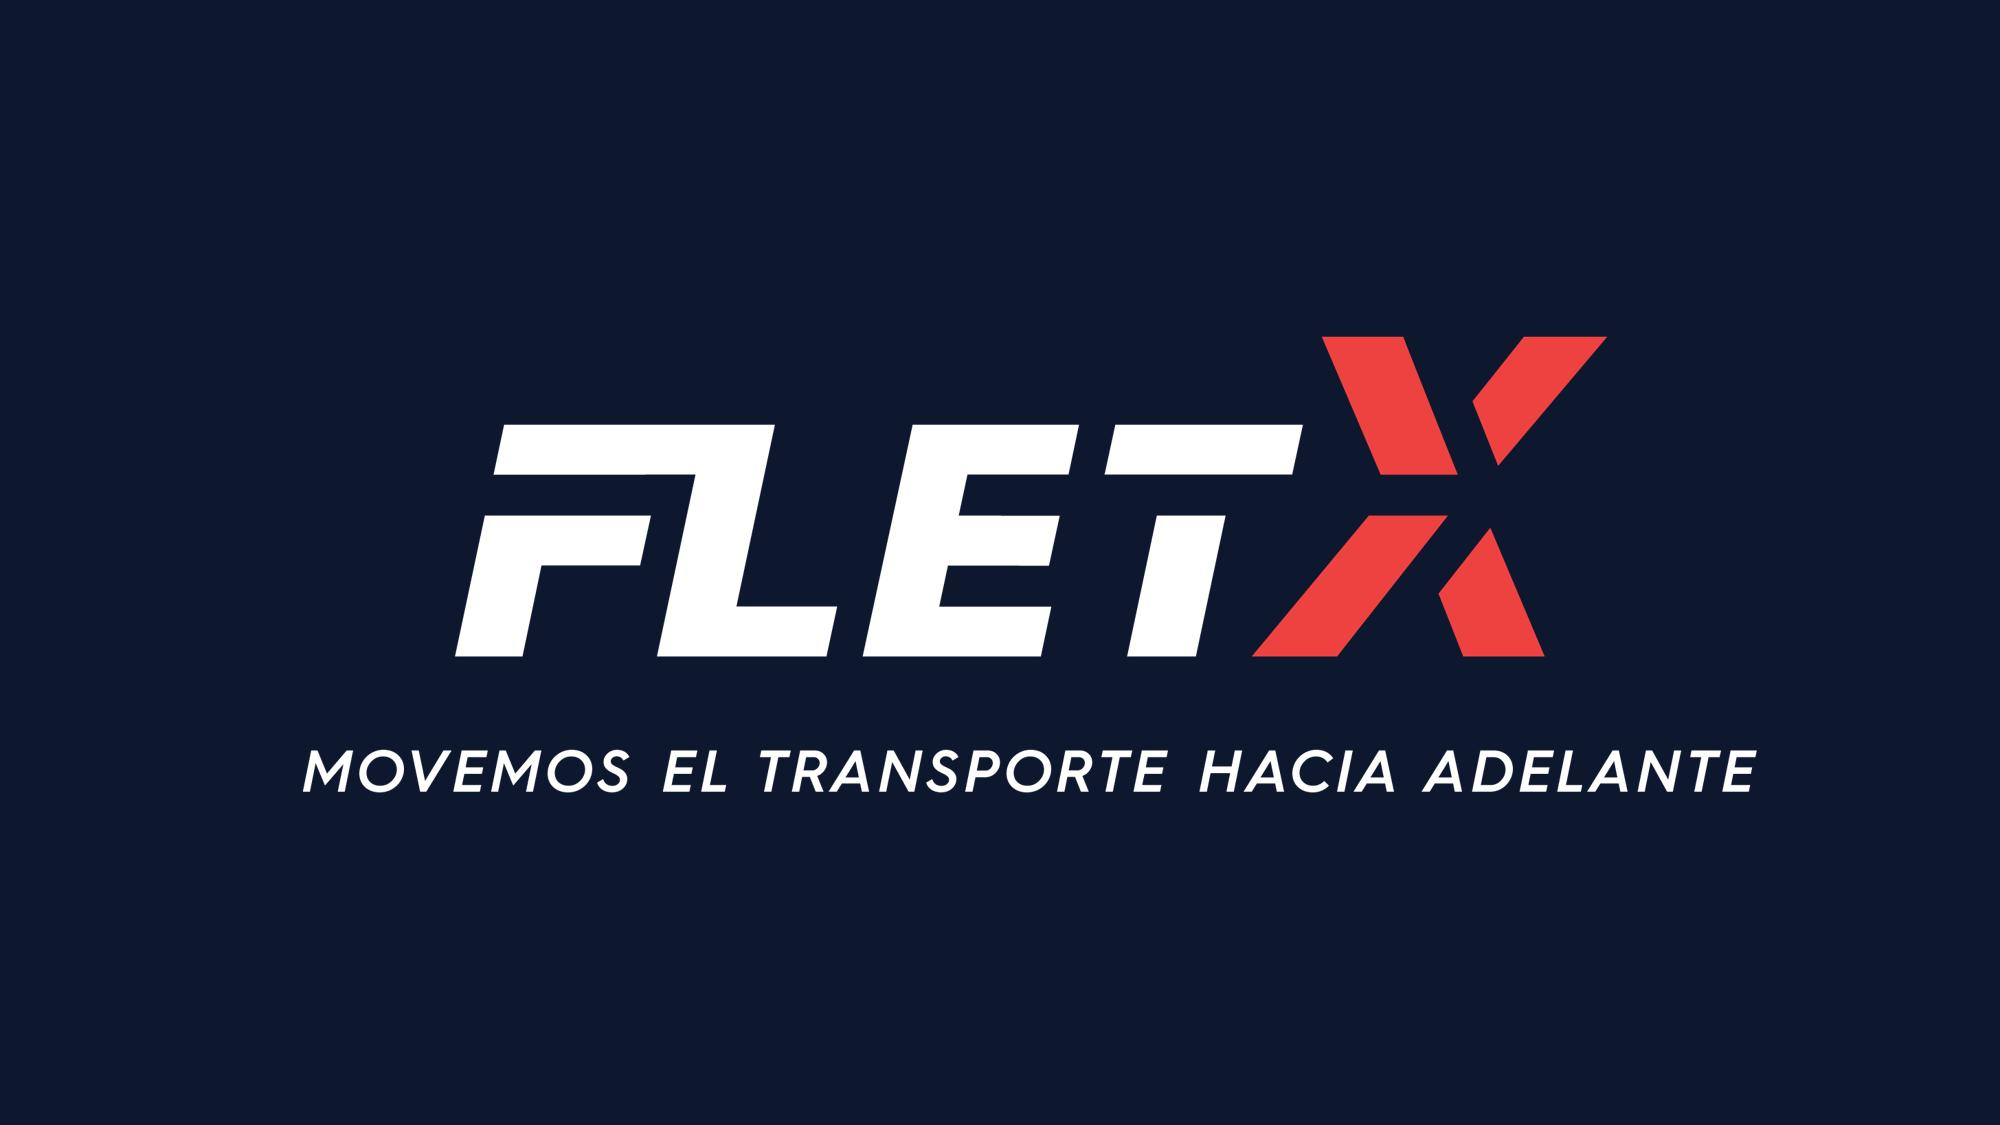 FletX